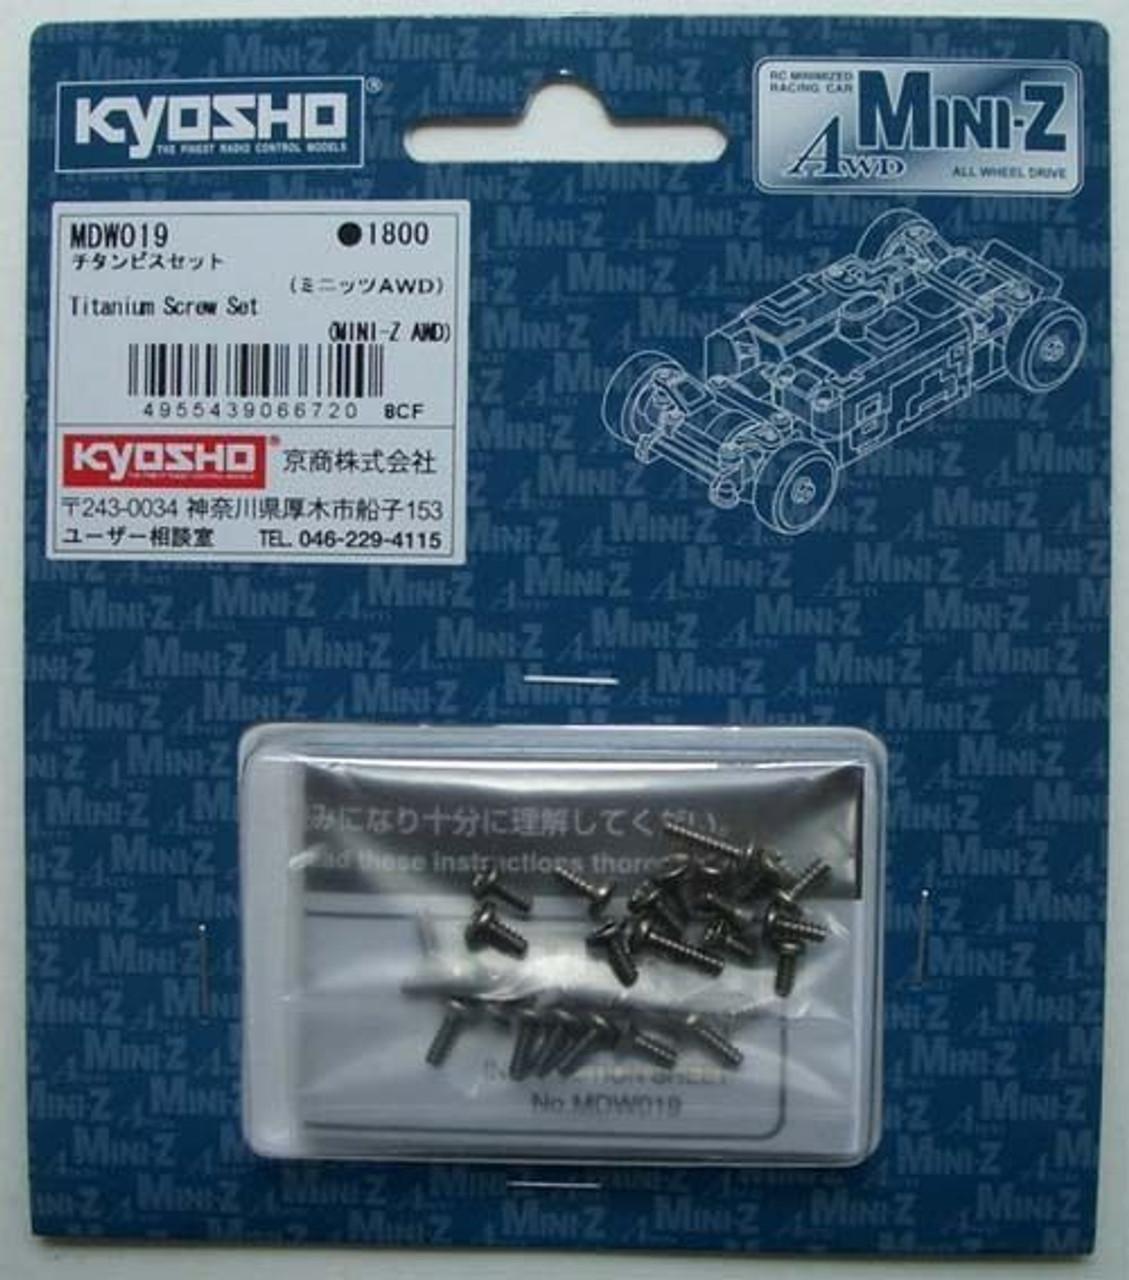 Mini-Z AWD//Nickel Kyosho MDW020 Butten HEX Screw Set